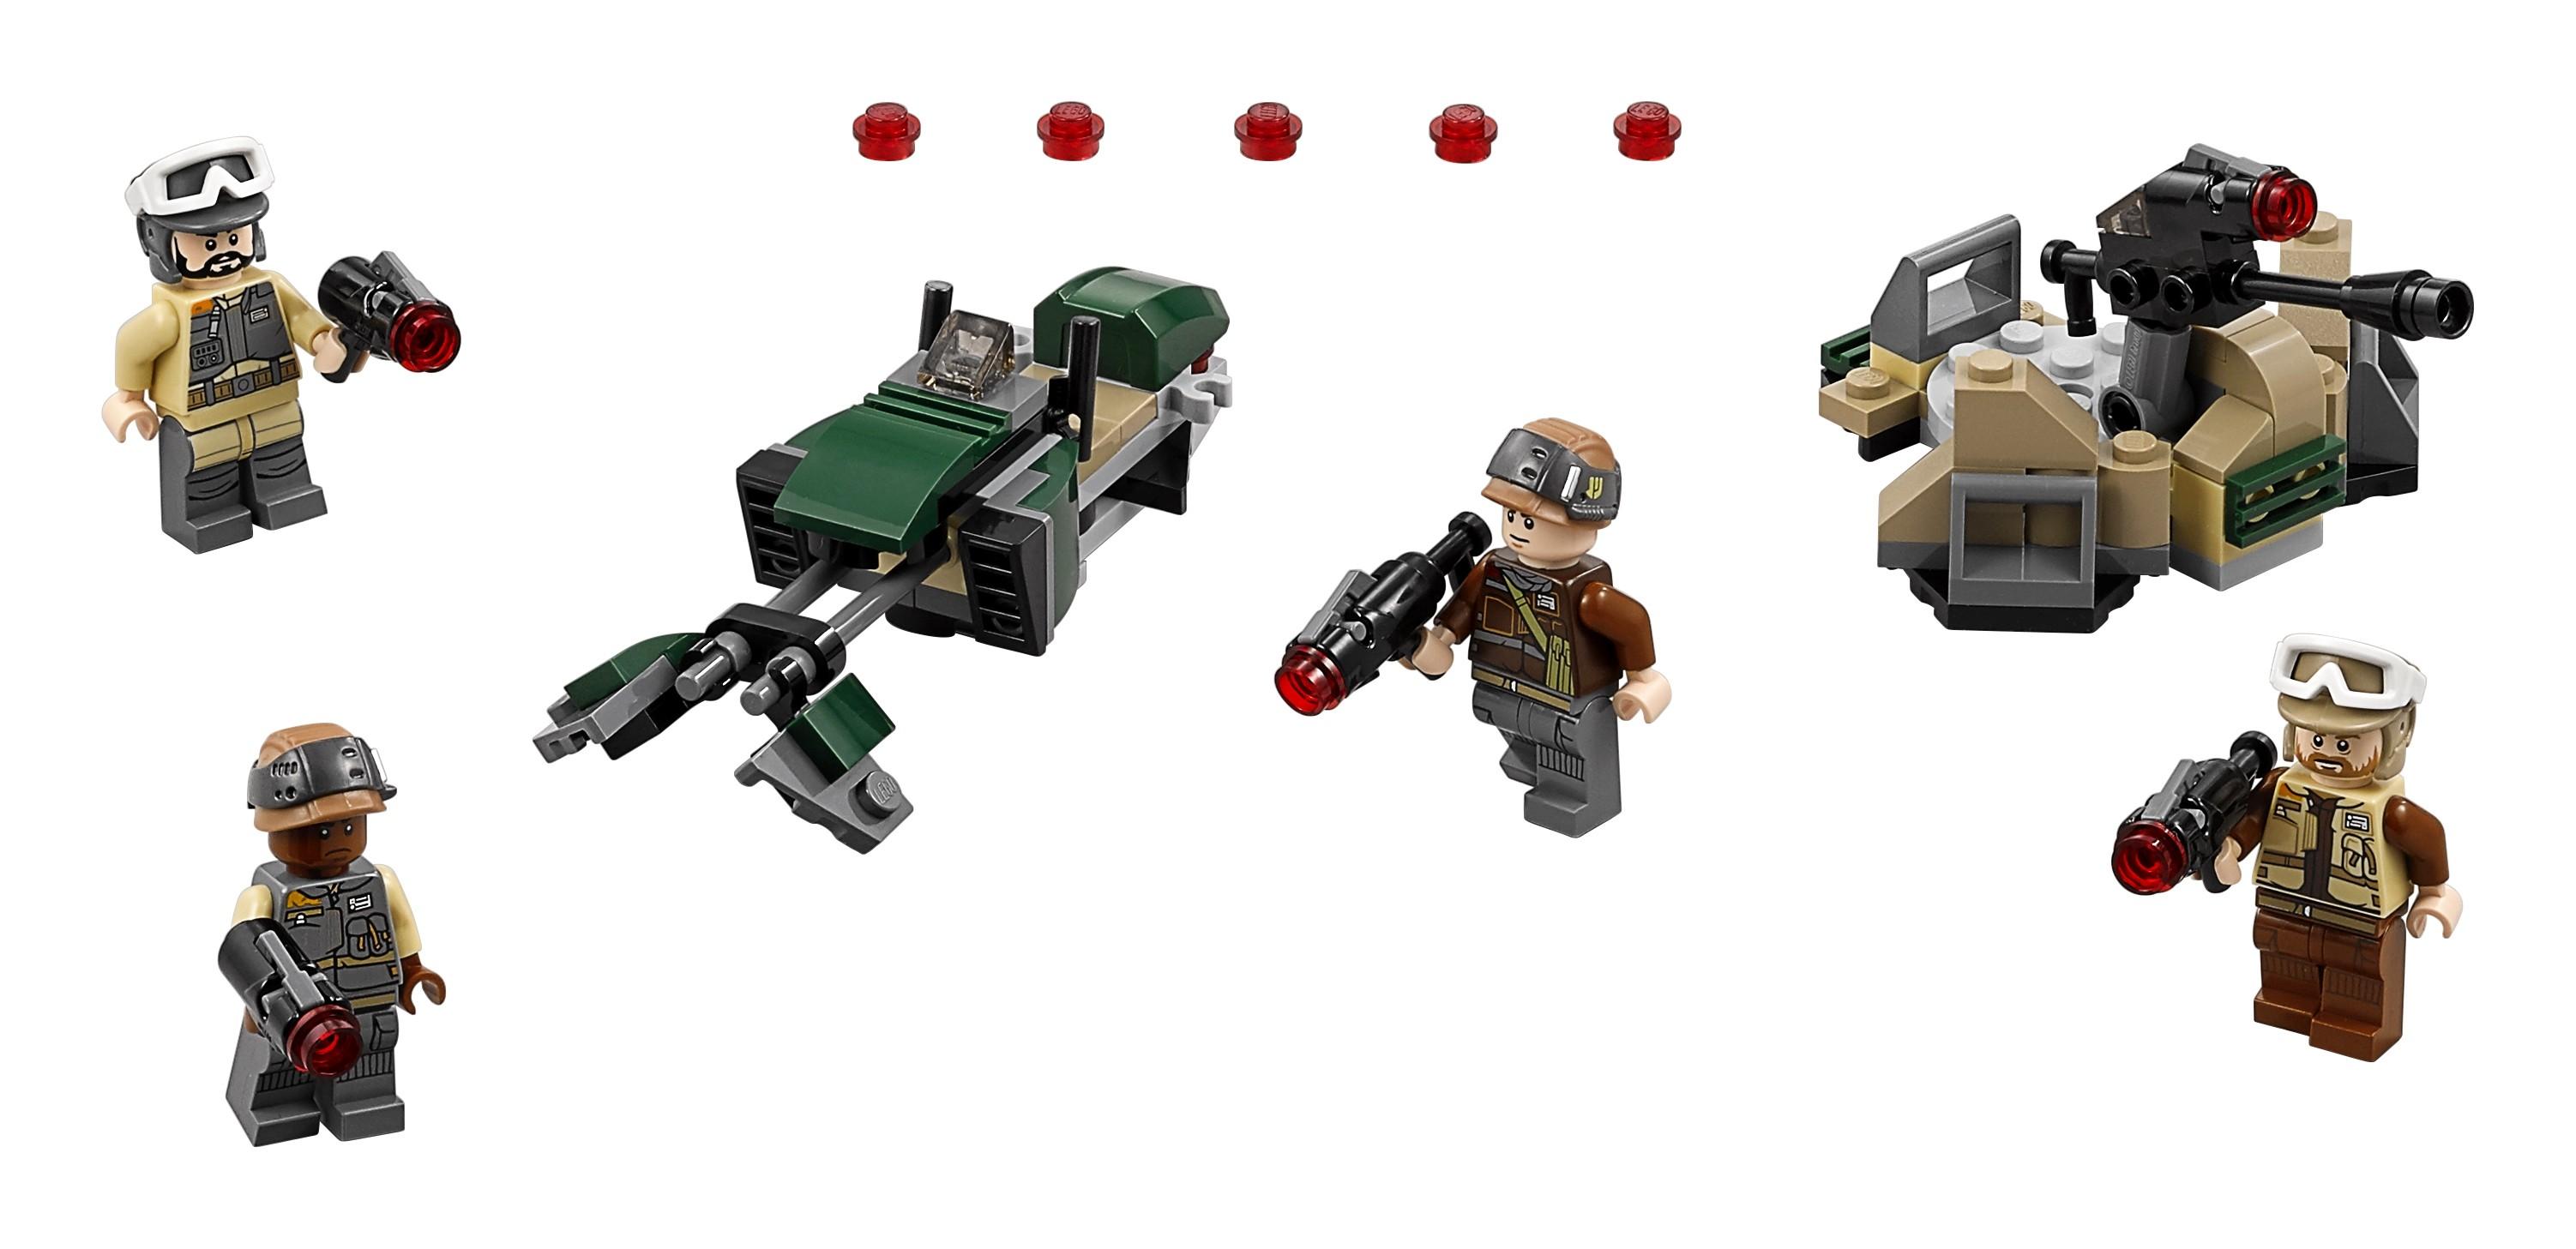 Конструктор LEGO Star Wars 75164 Боевой набор Повстанцев конструктор lego star wars 75132 боевой набор первого ордена